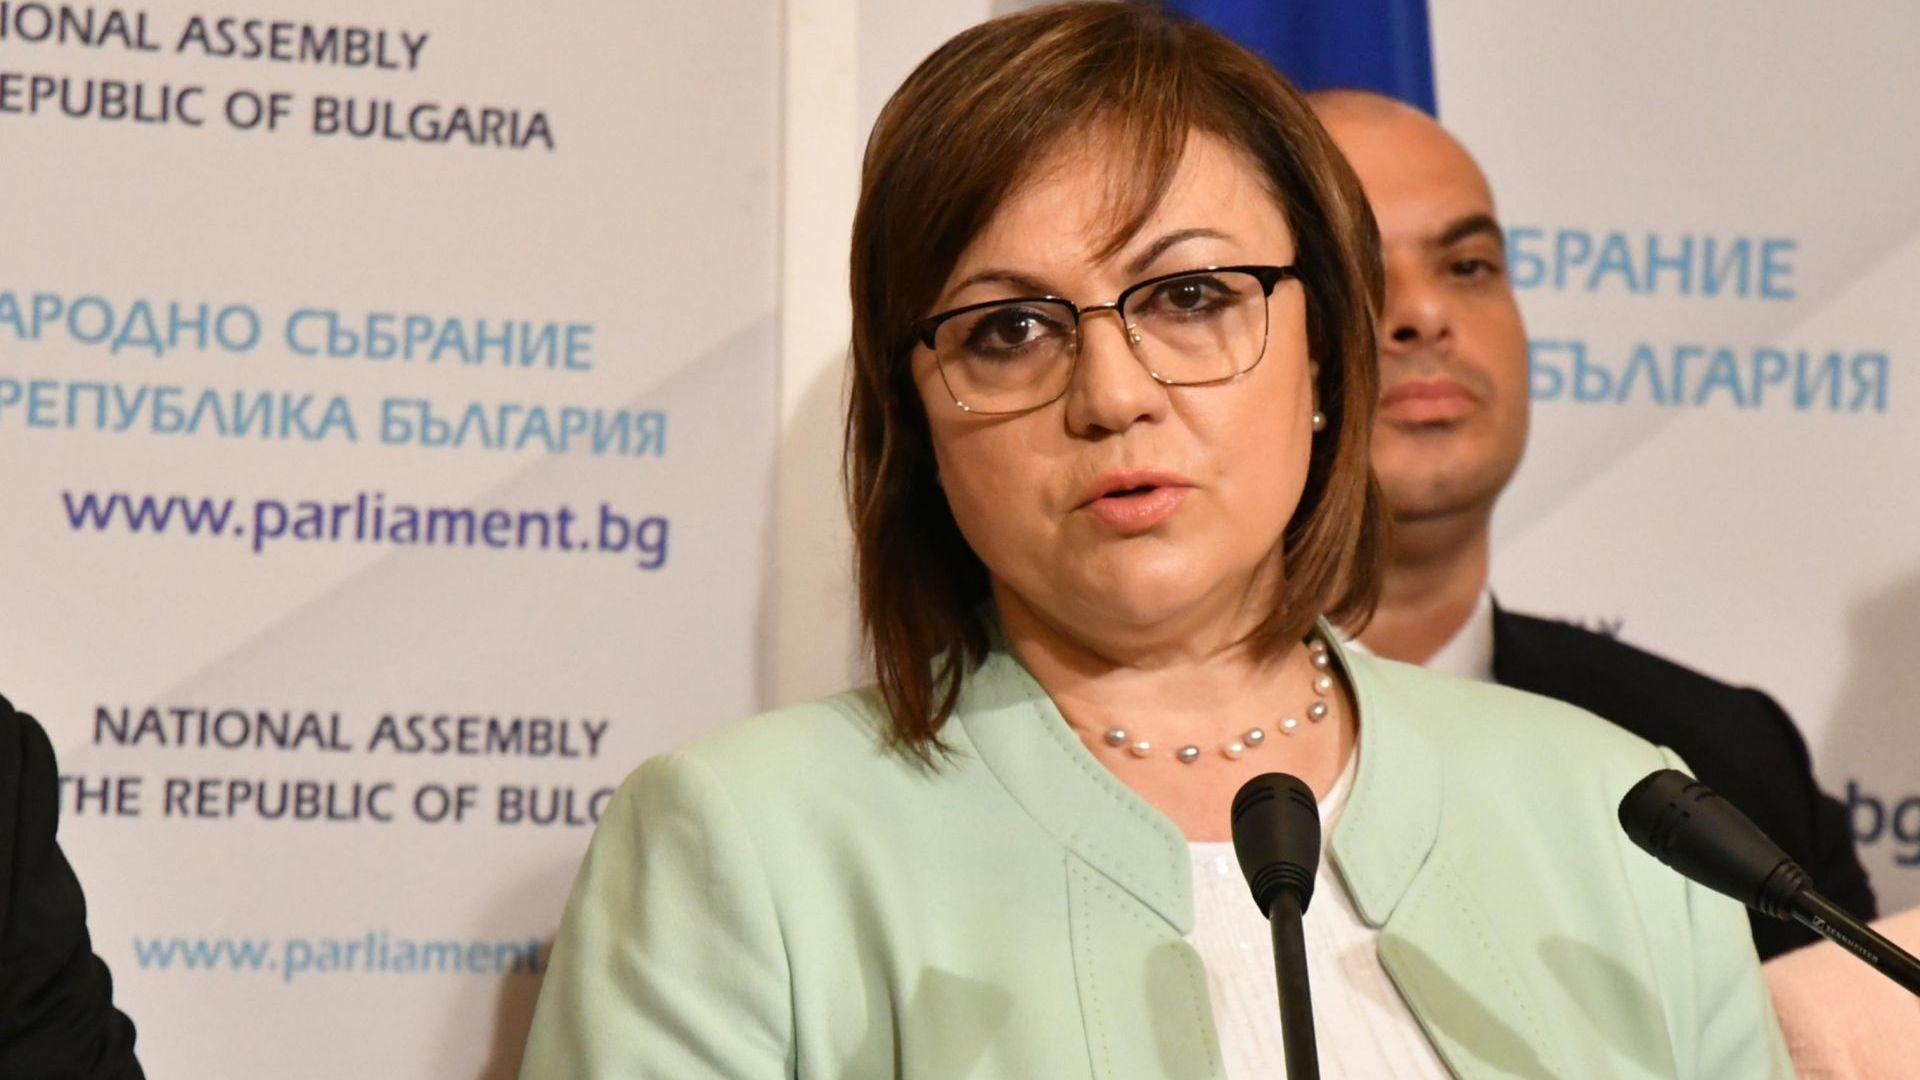 Корнелия Нинова: Някой умишлено саботира актуализацията на бюджета